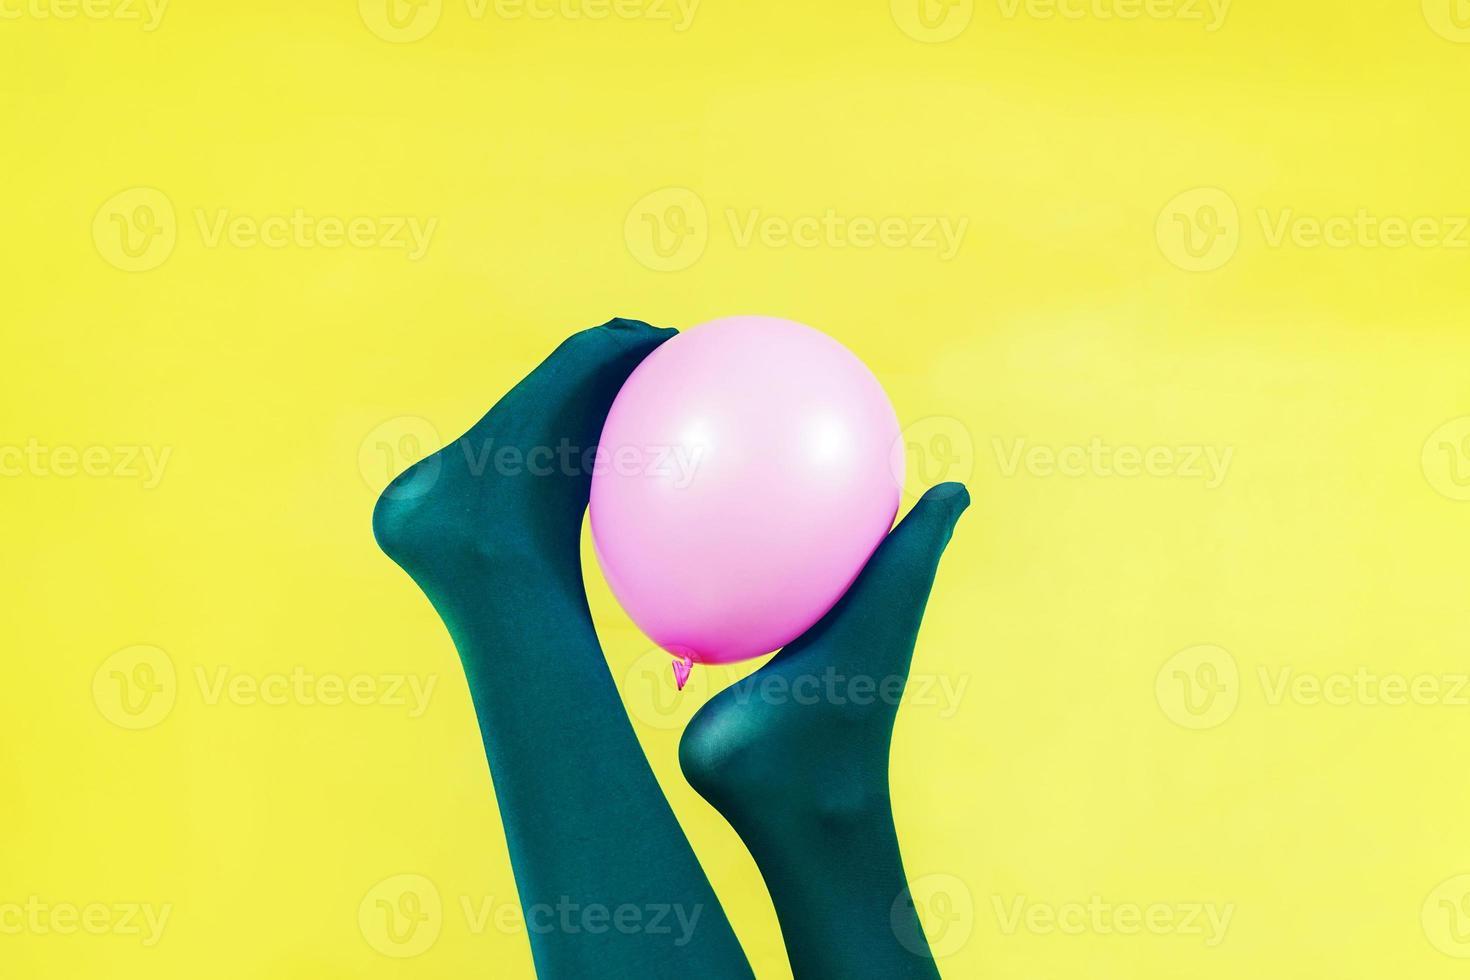 jambes vertes d'une femme tenant un ballon rose contre un mur jaune photo